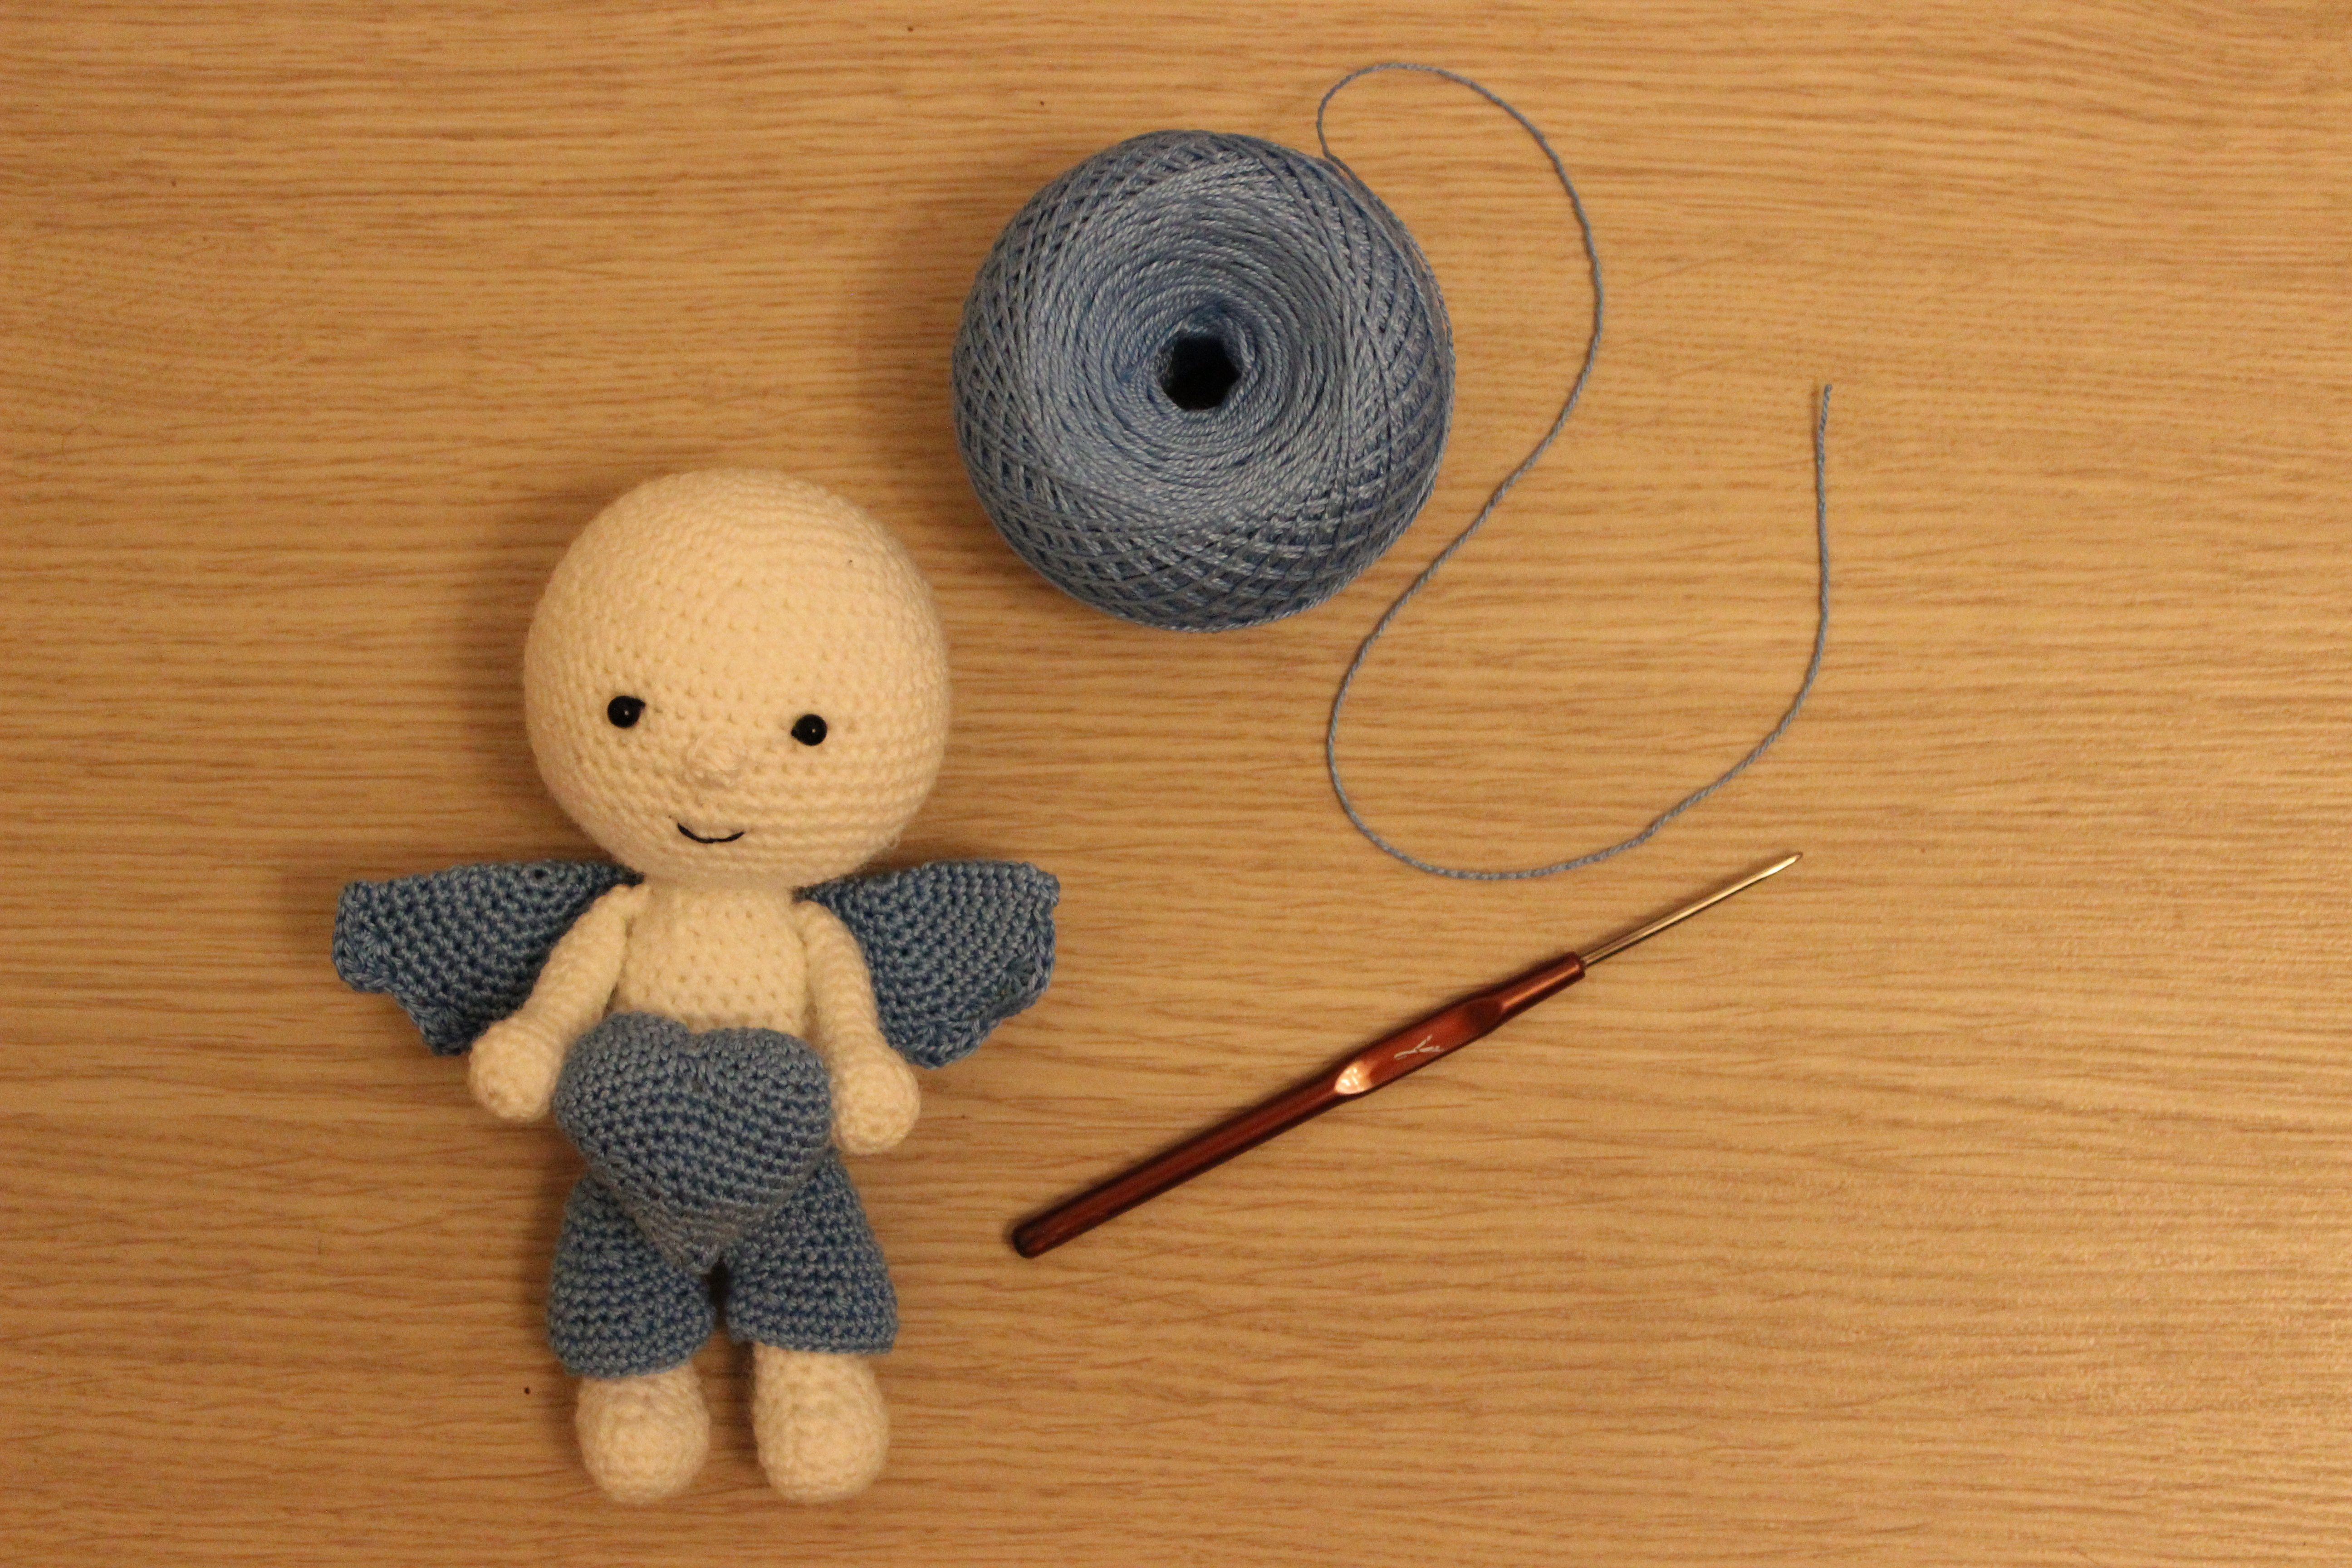 ангел крючком работа handmade детям ручная декор вязание игрушка